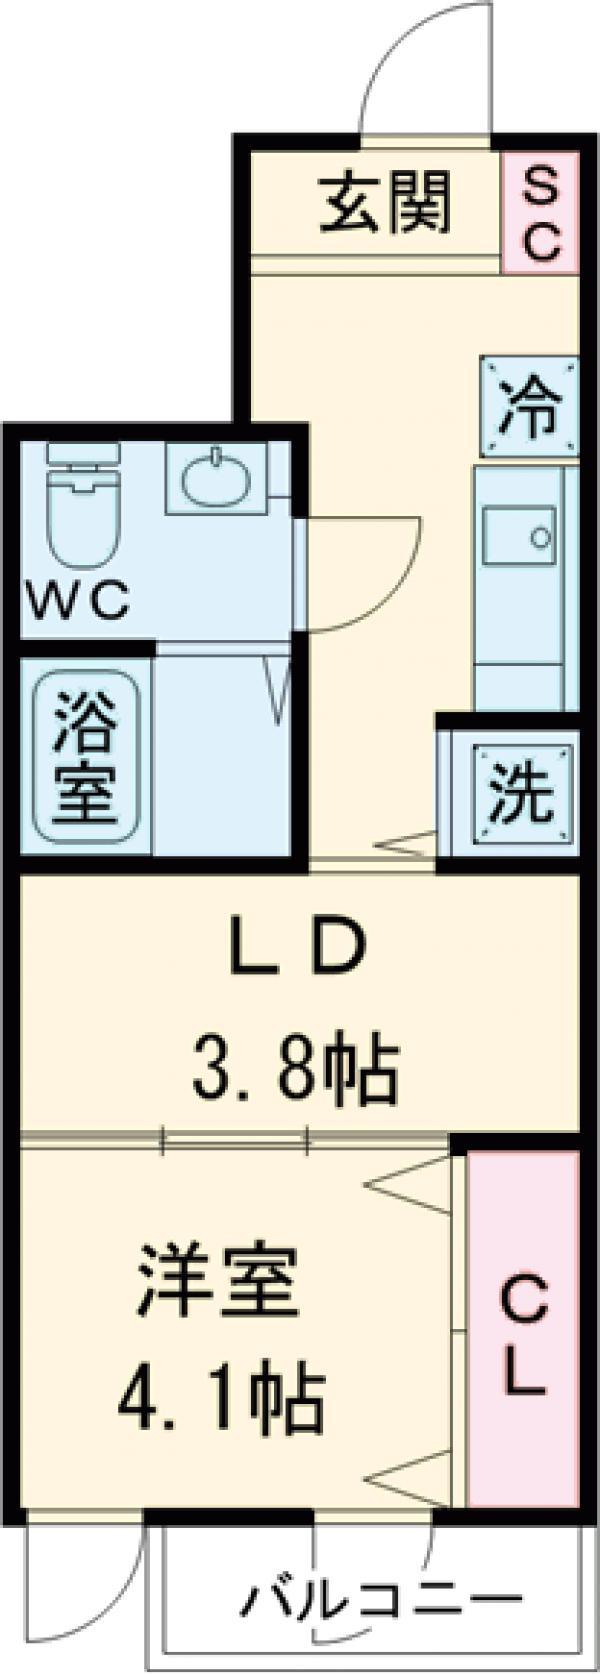 コルティーレ上北沢・206号室の間取り